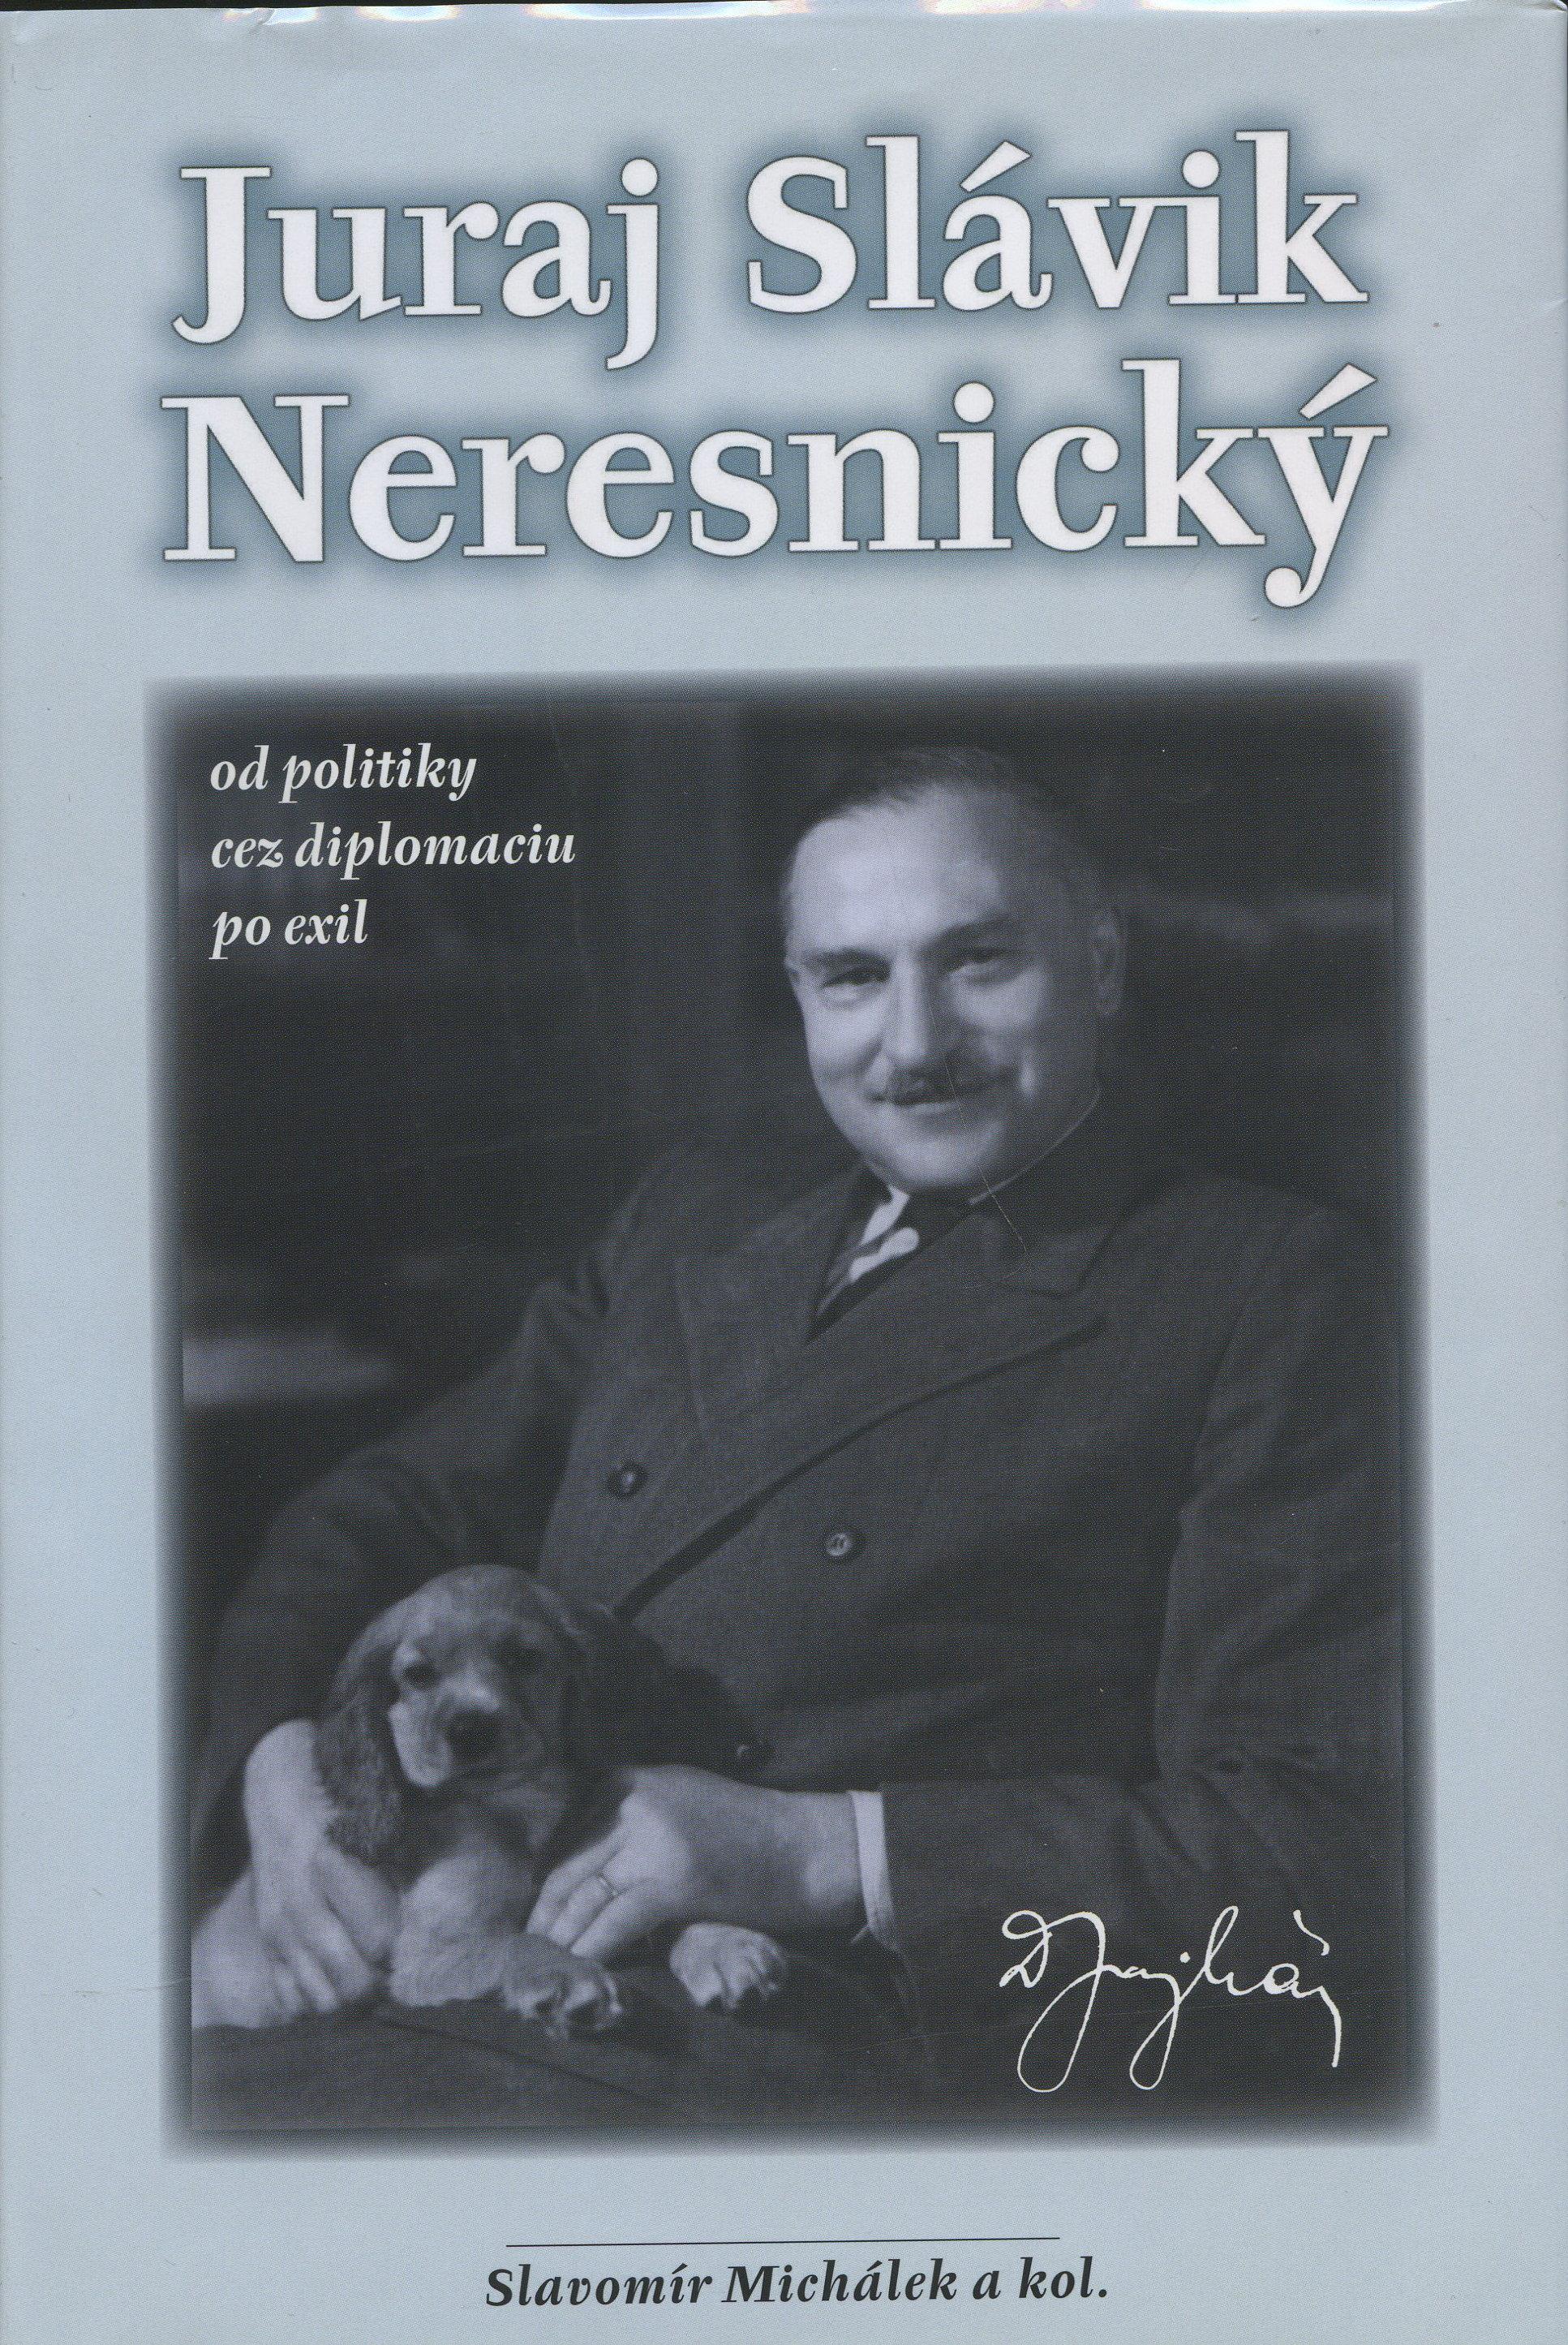 Juraj Slávik Neresnický - od politiky cez diplomaciu po exil